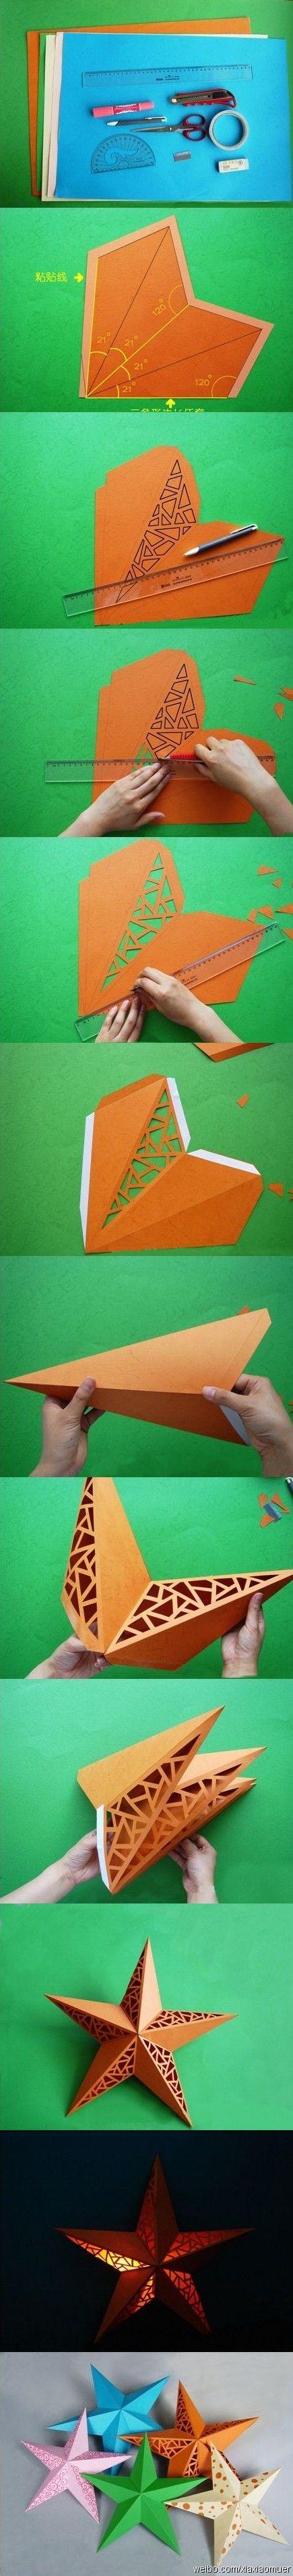 paper crafts by johnnie